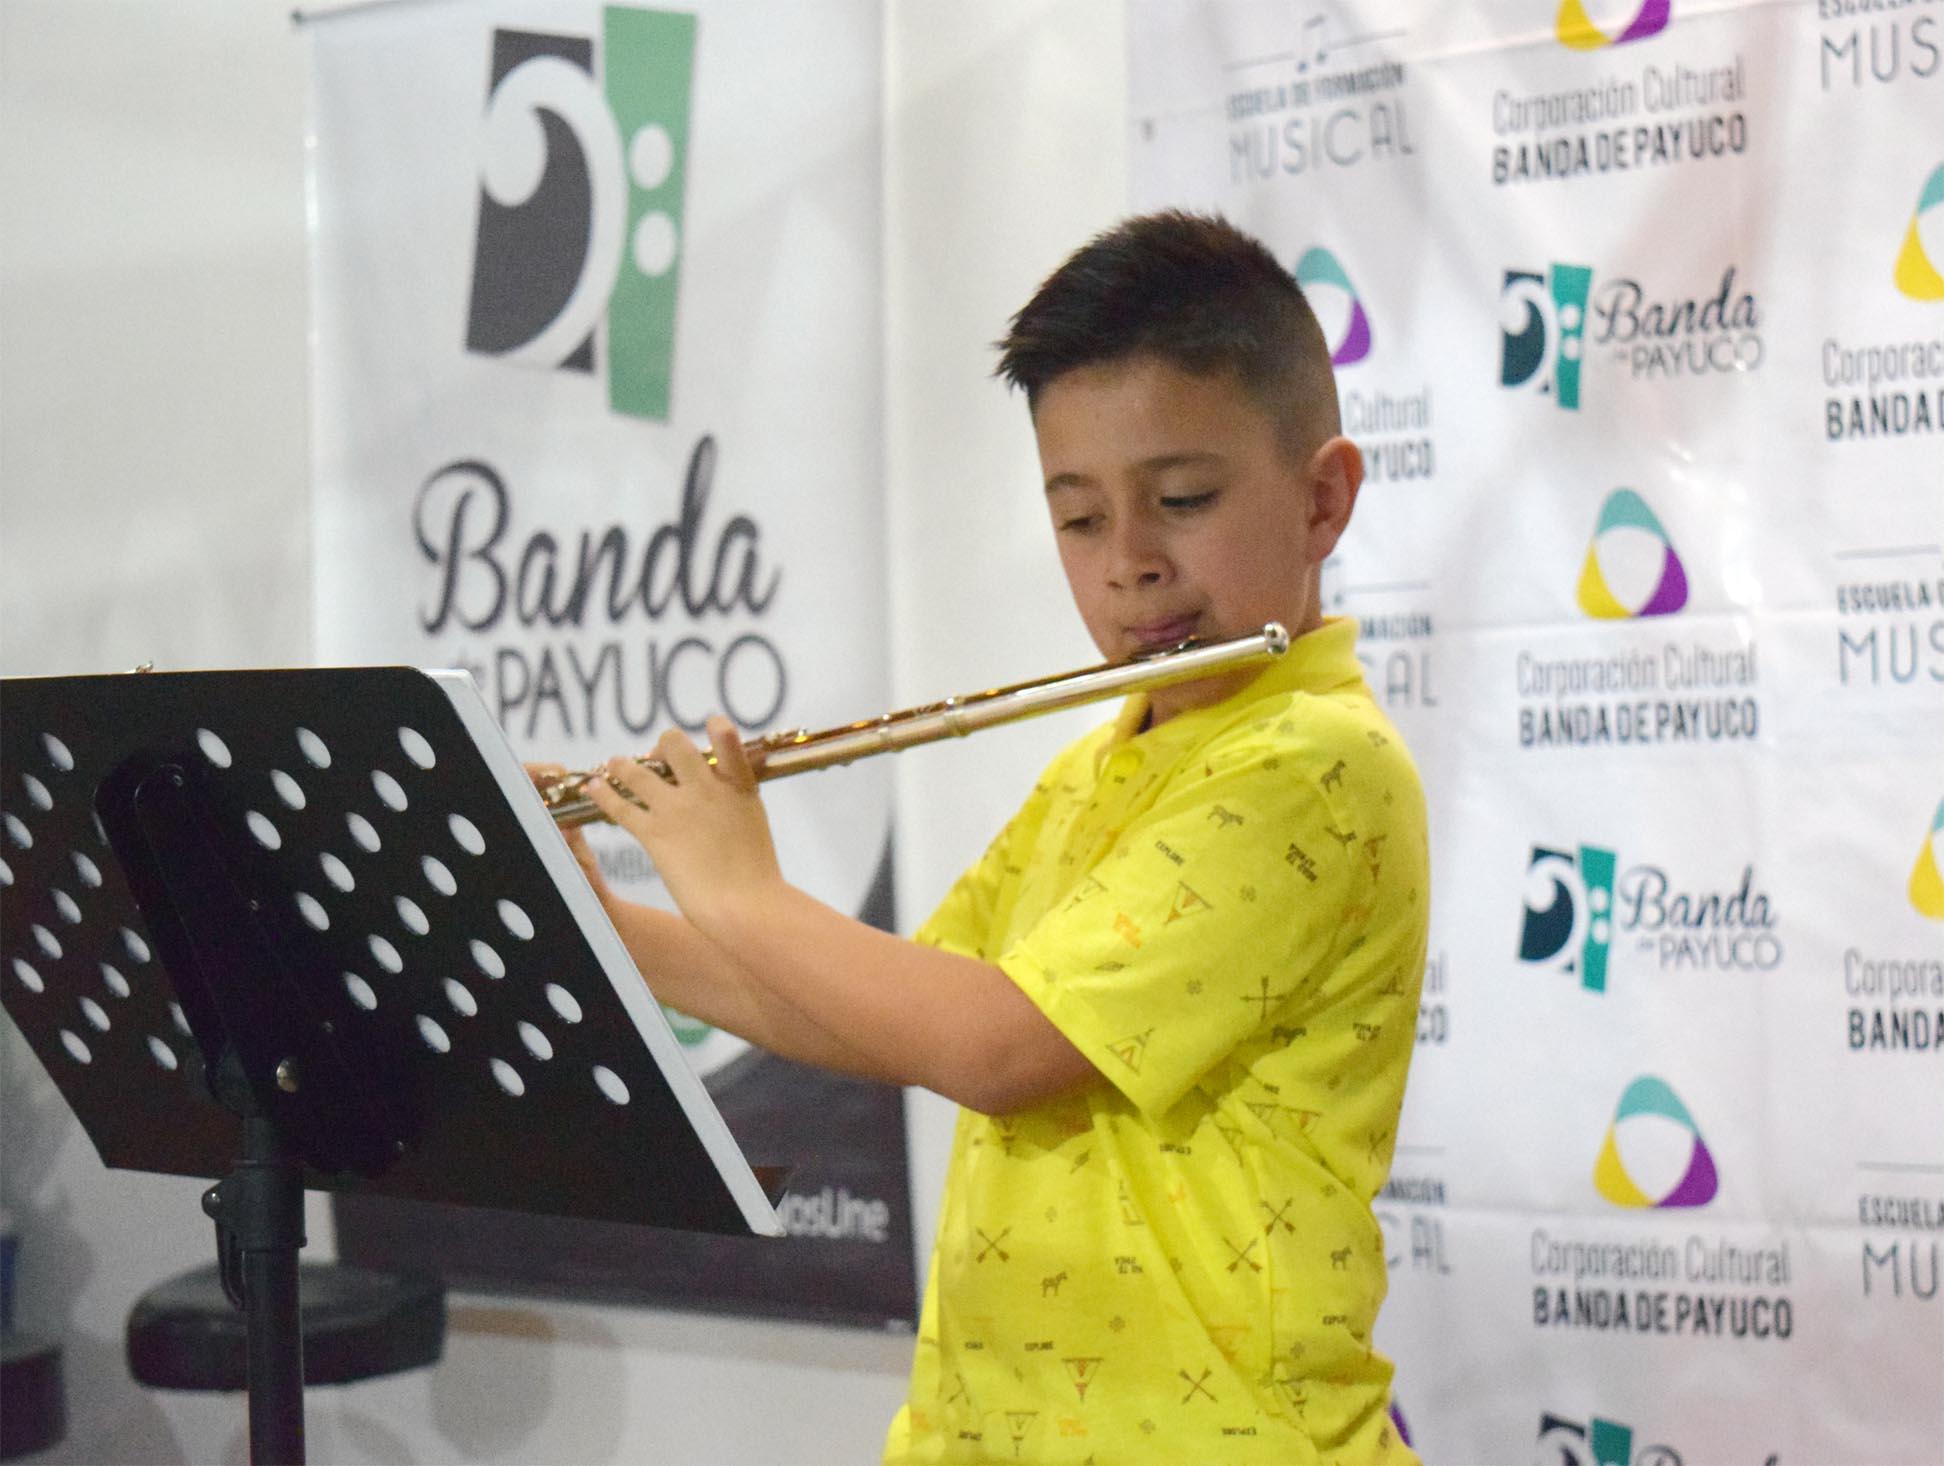 Escuela de Formación de la Banda de Payuco se fortalece en el 2019